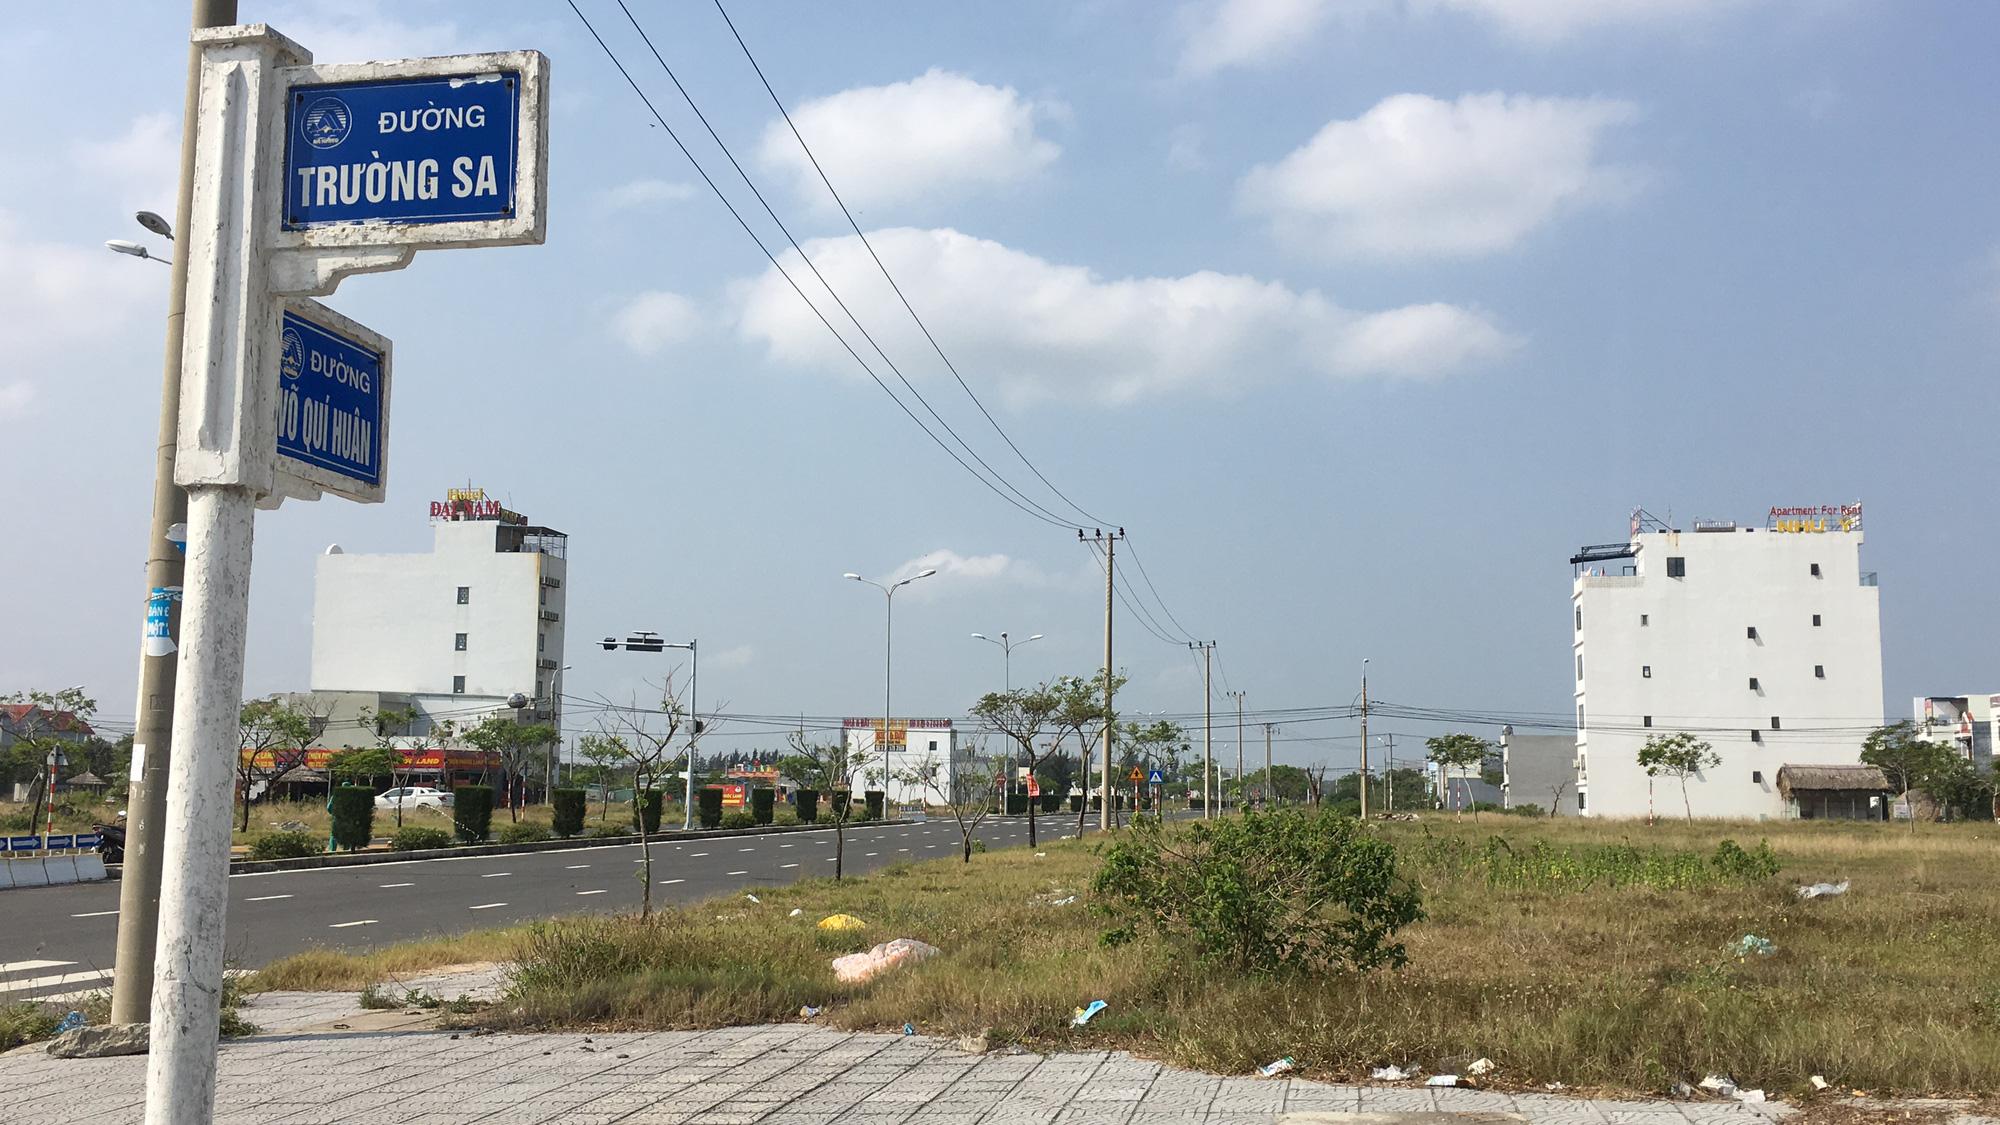 Cận cảnh nơi Đà Nẵng làm cầu, đường qua sông Cổ Cò, đường vành hơn 1.400 tỉ đồng - Ảnh 5.